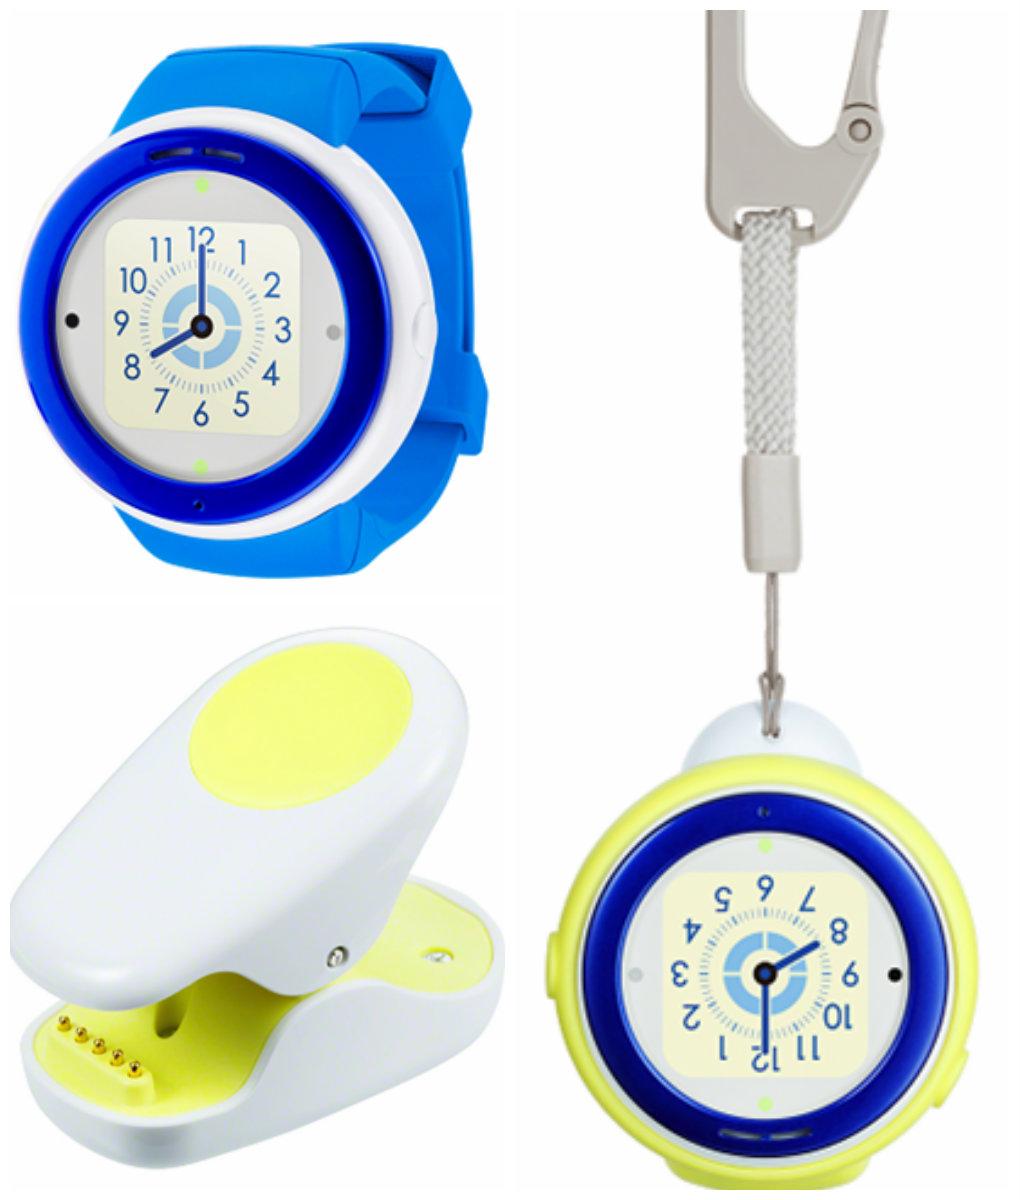 Operatorul japonez KDDI anunță lansarea unui smartwatch destinat celor mici, numit Mamorino Watch